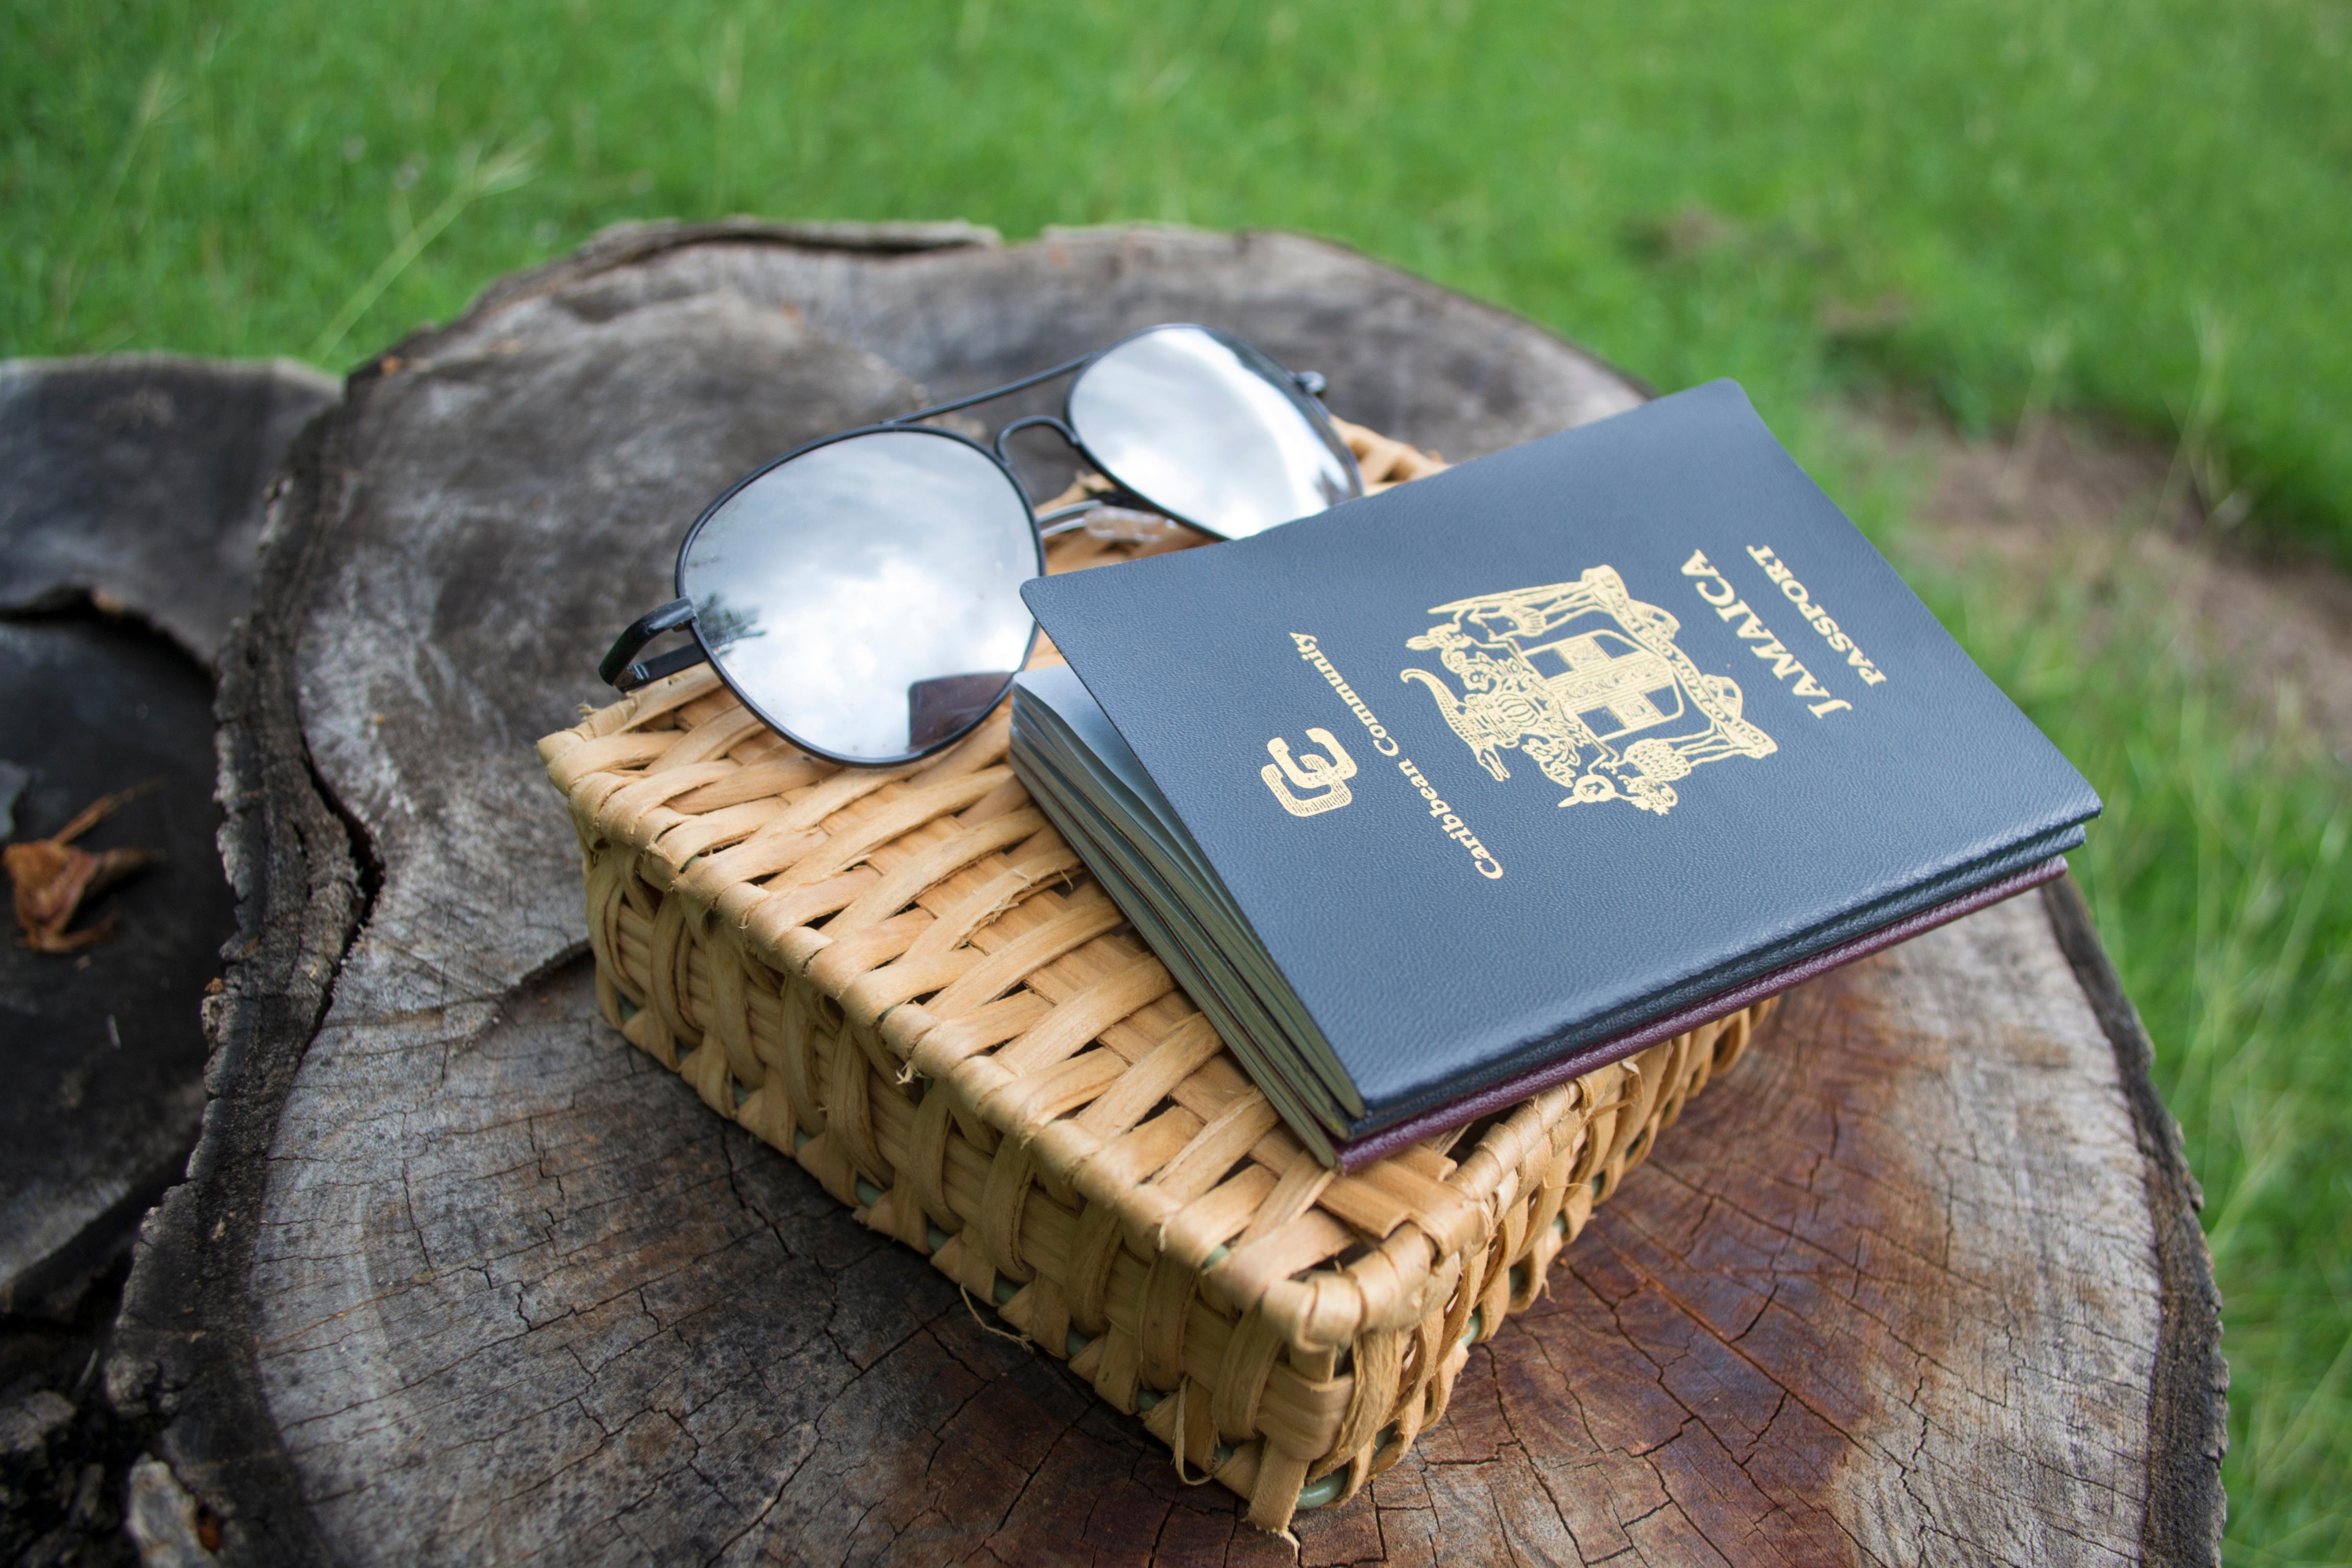 Ямайский паспорт, который могут получить иностранцы